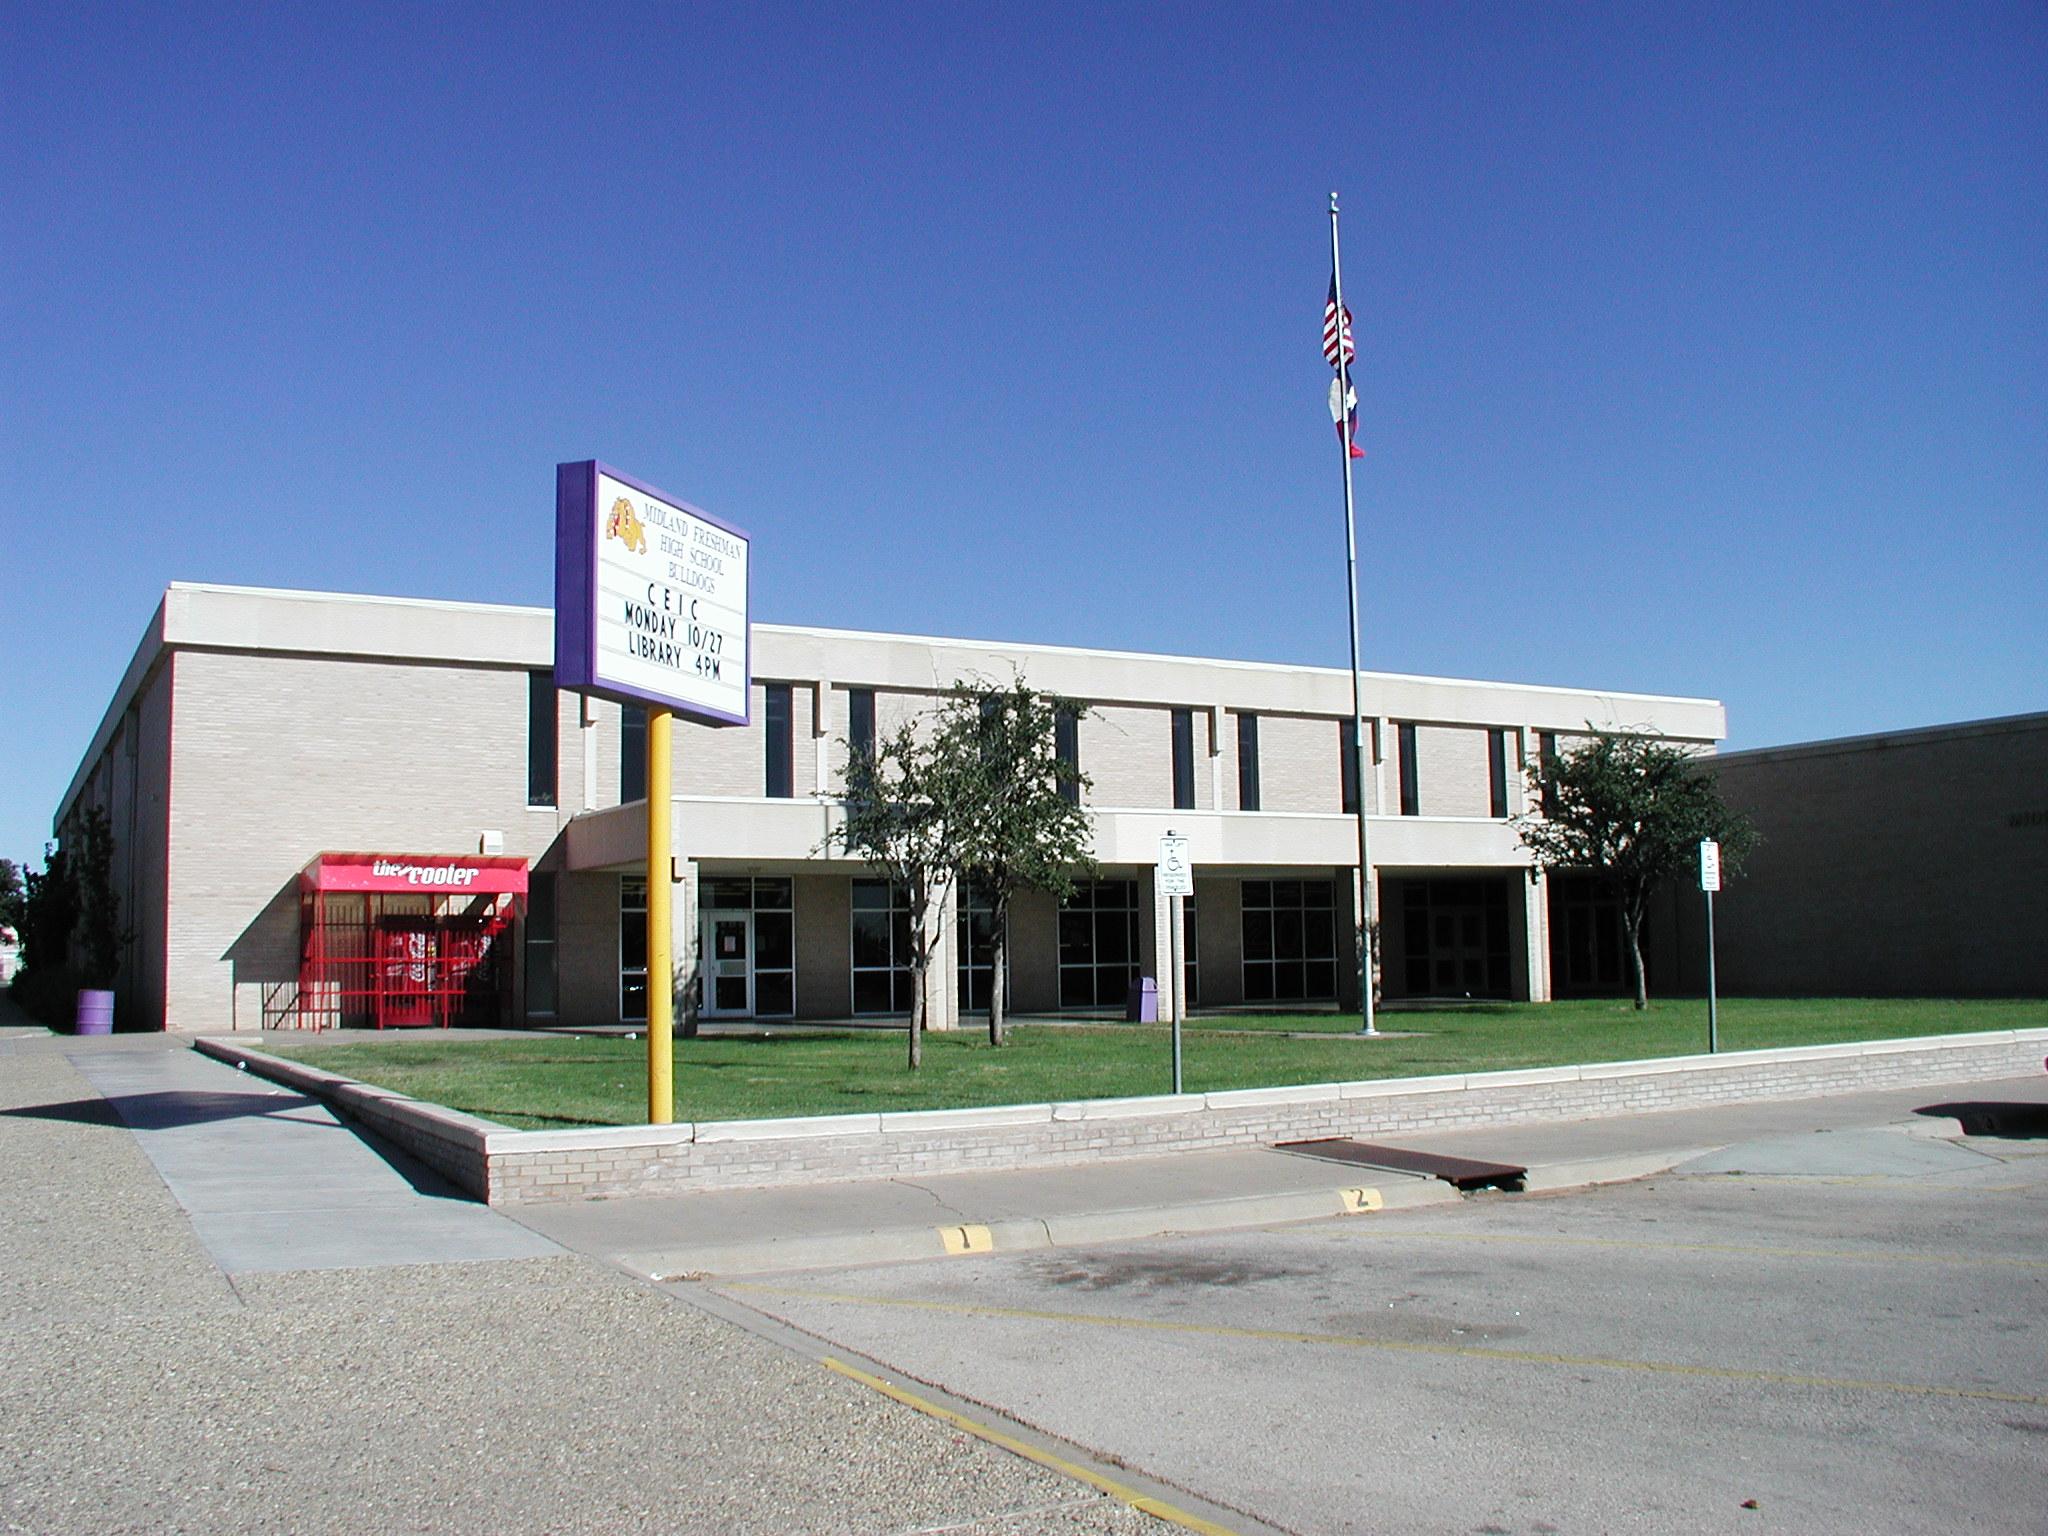 Midland Freshman High School